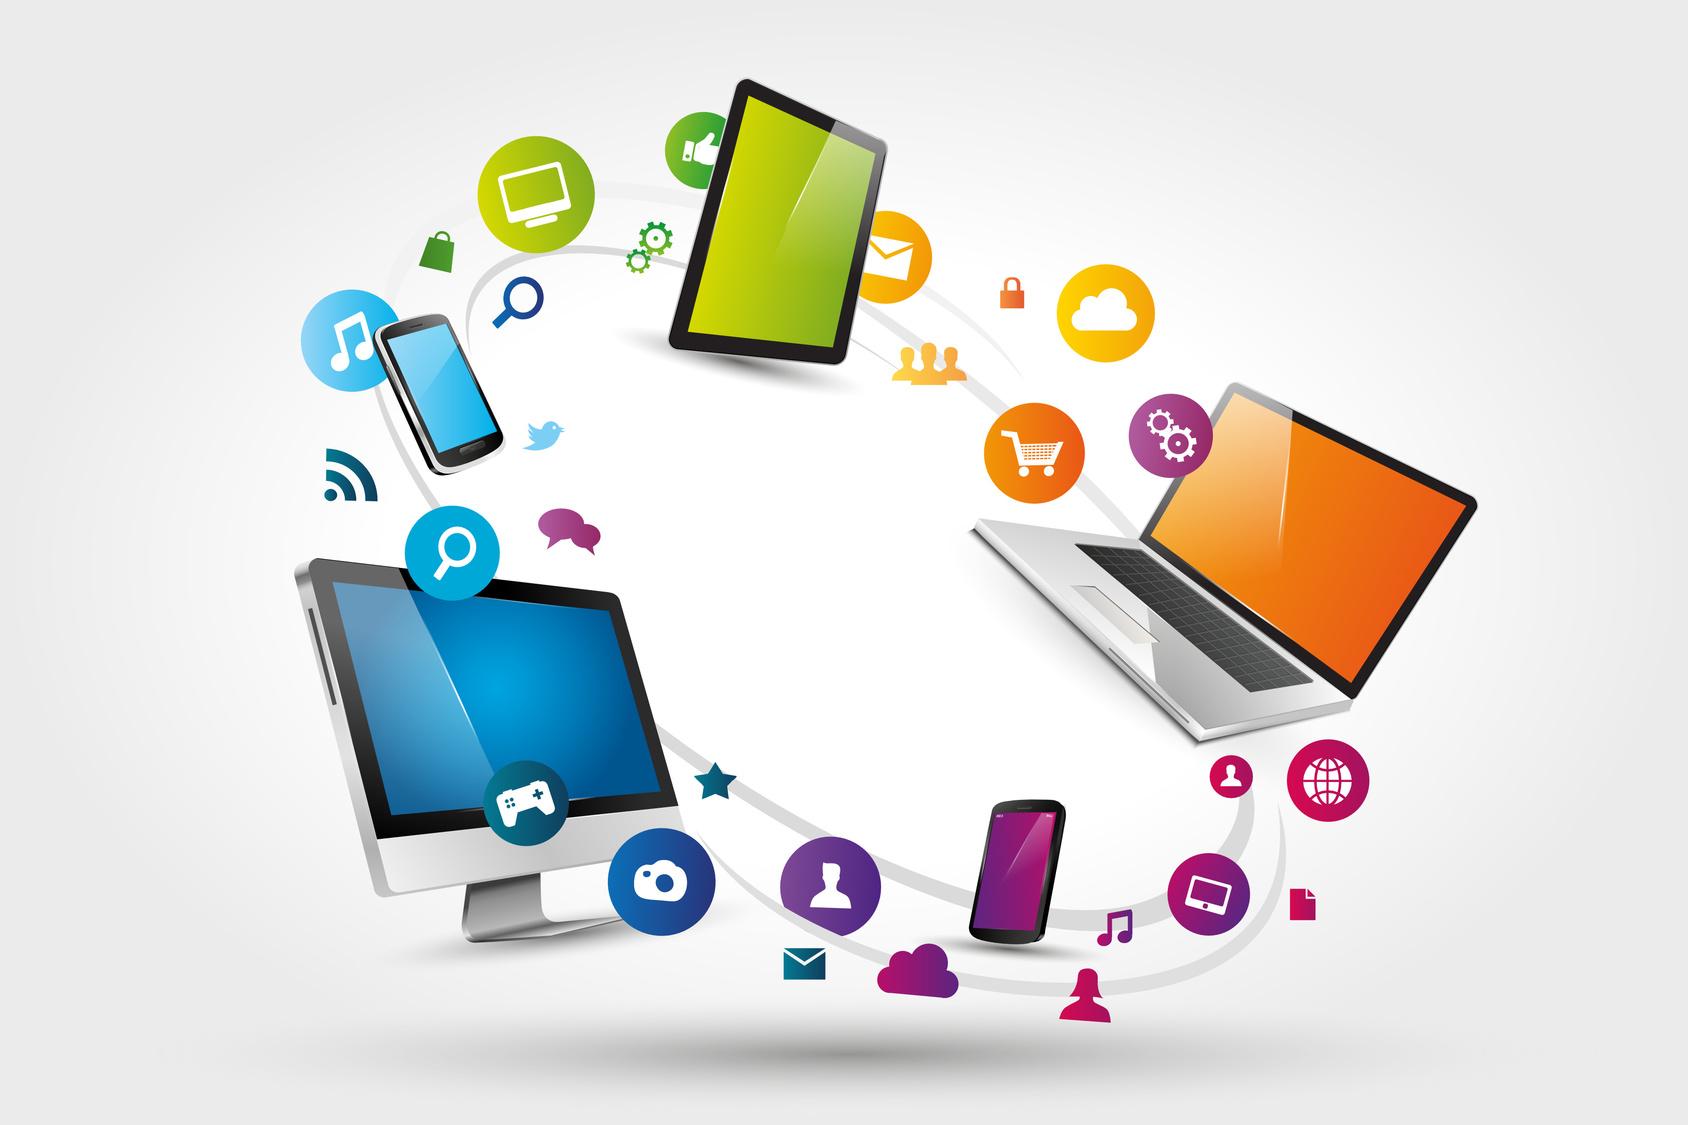 Gerentes creativos vs tecnolog a el desaf o deporte y for Todo tecnologia